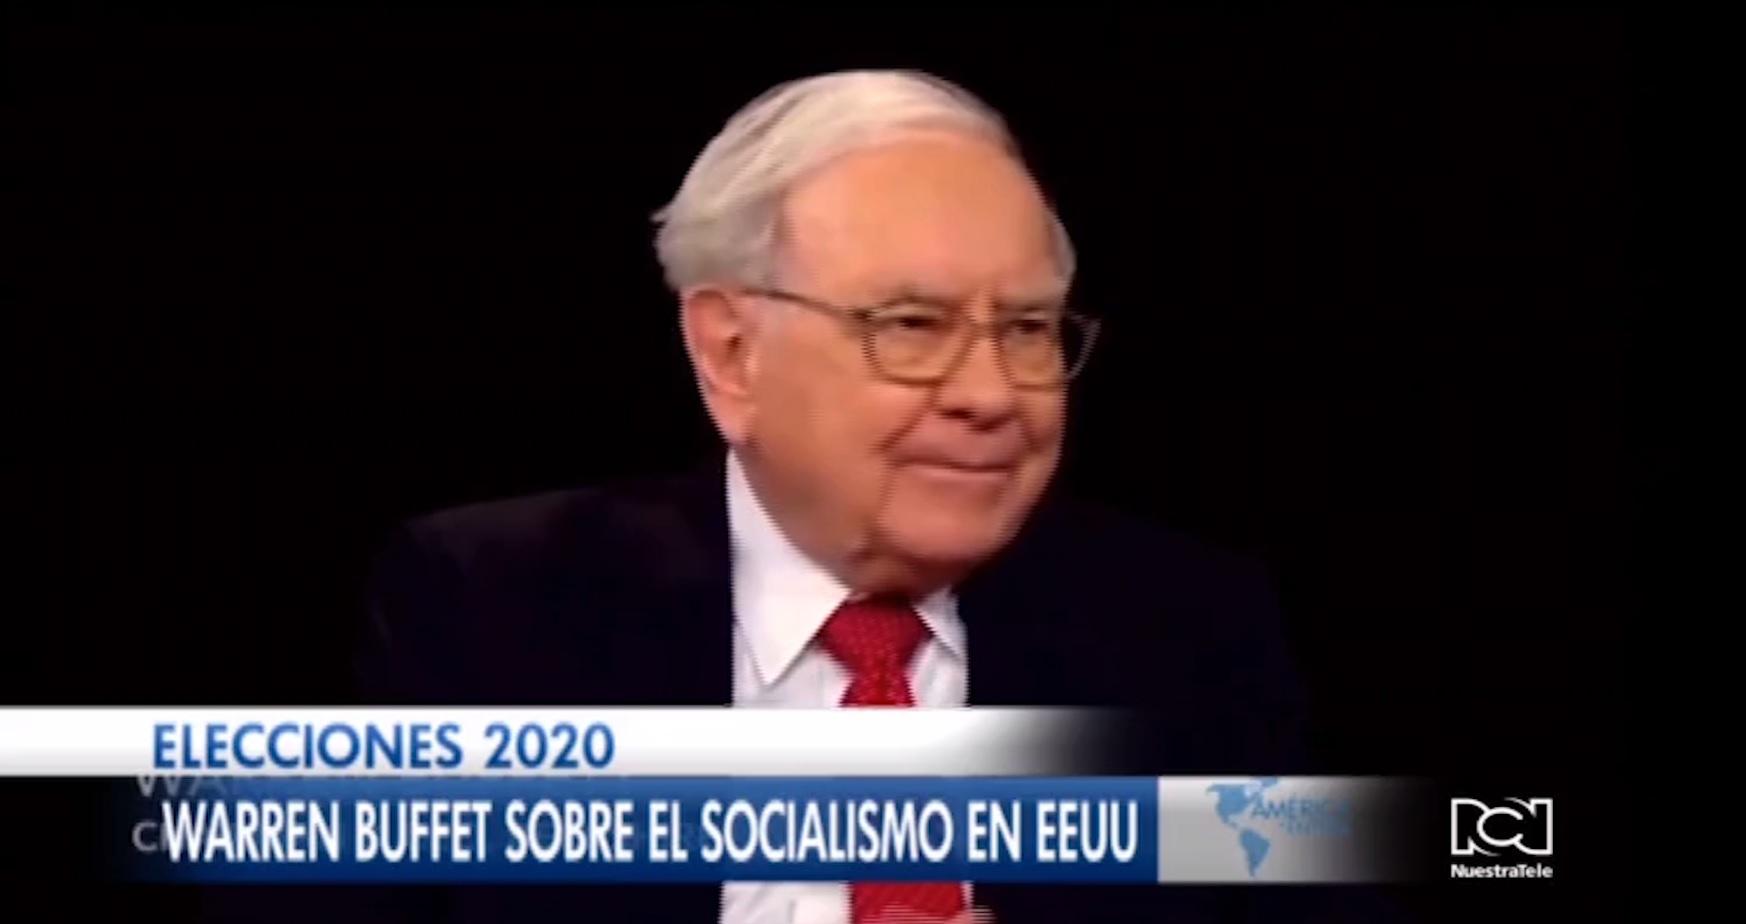 Warren-Buffet-descarta-que-el-socialismo-llegue-al-poder-en-Estados-Unidos.jpg